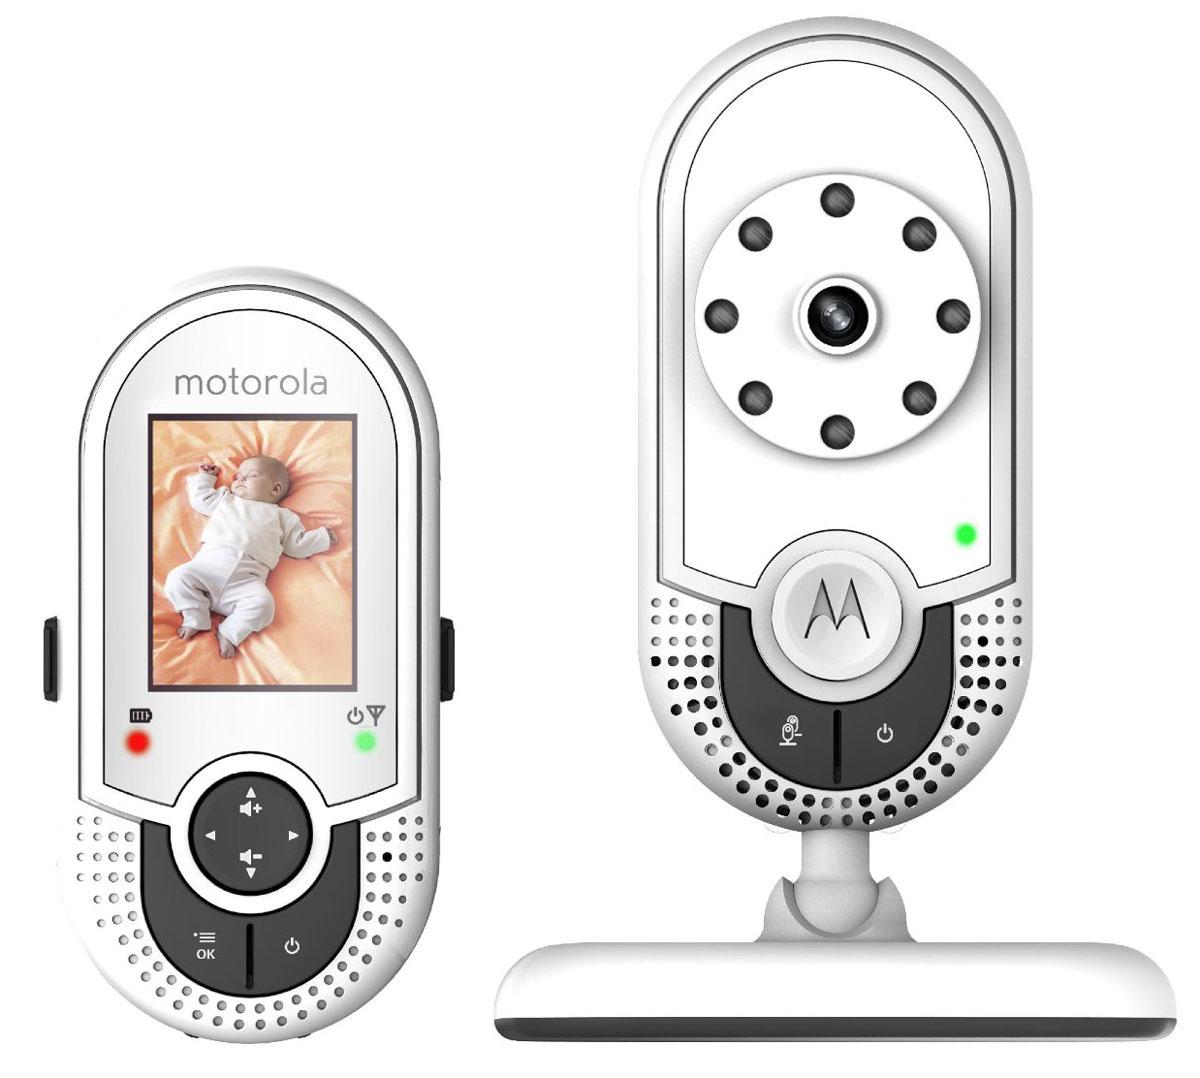 """Видеоняня Motorola MBP621 выполнена в стильном дизайне и представляет собой беспроводное устройство наблюдения за ребенком. Данная модель оснащена цветным ЖК дисплеем с диагональю экрана 1,8"""" и позволяет просматривать изображение с камеры на родительском модуле, а если детский модуль обнаруживает звук в комнате ребенка, на родительском модуле появляется изображение малыша. Отличное качество изображения, инфракрасный ночной режим, датчик комнатной температуры и многое другое делает эту модель незаменимым помощником для родителей."""